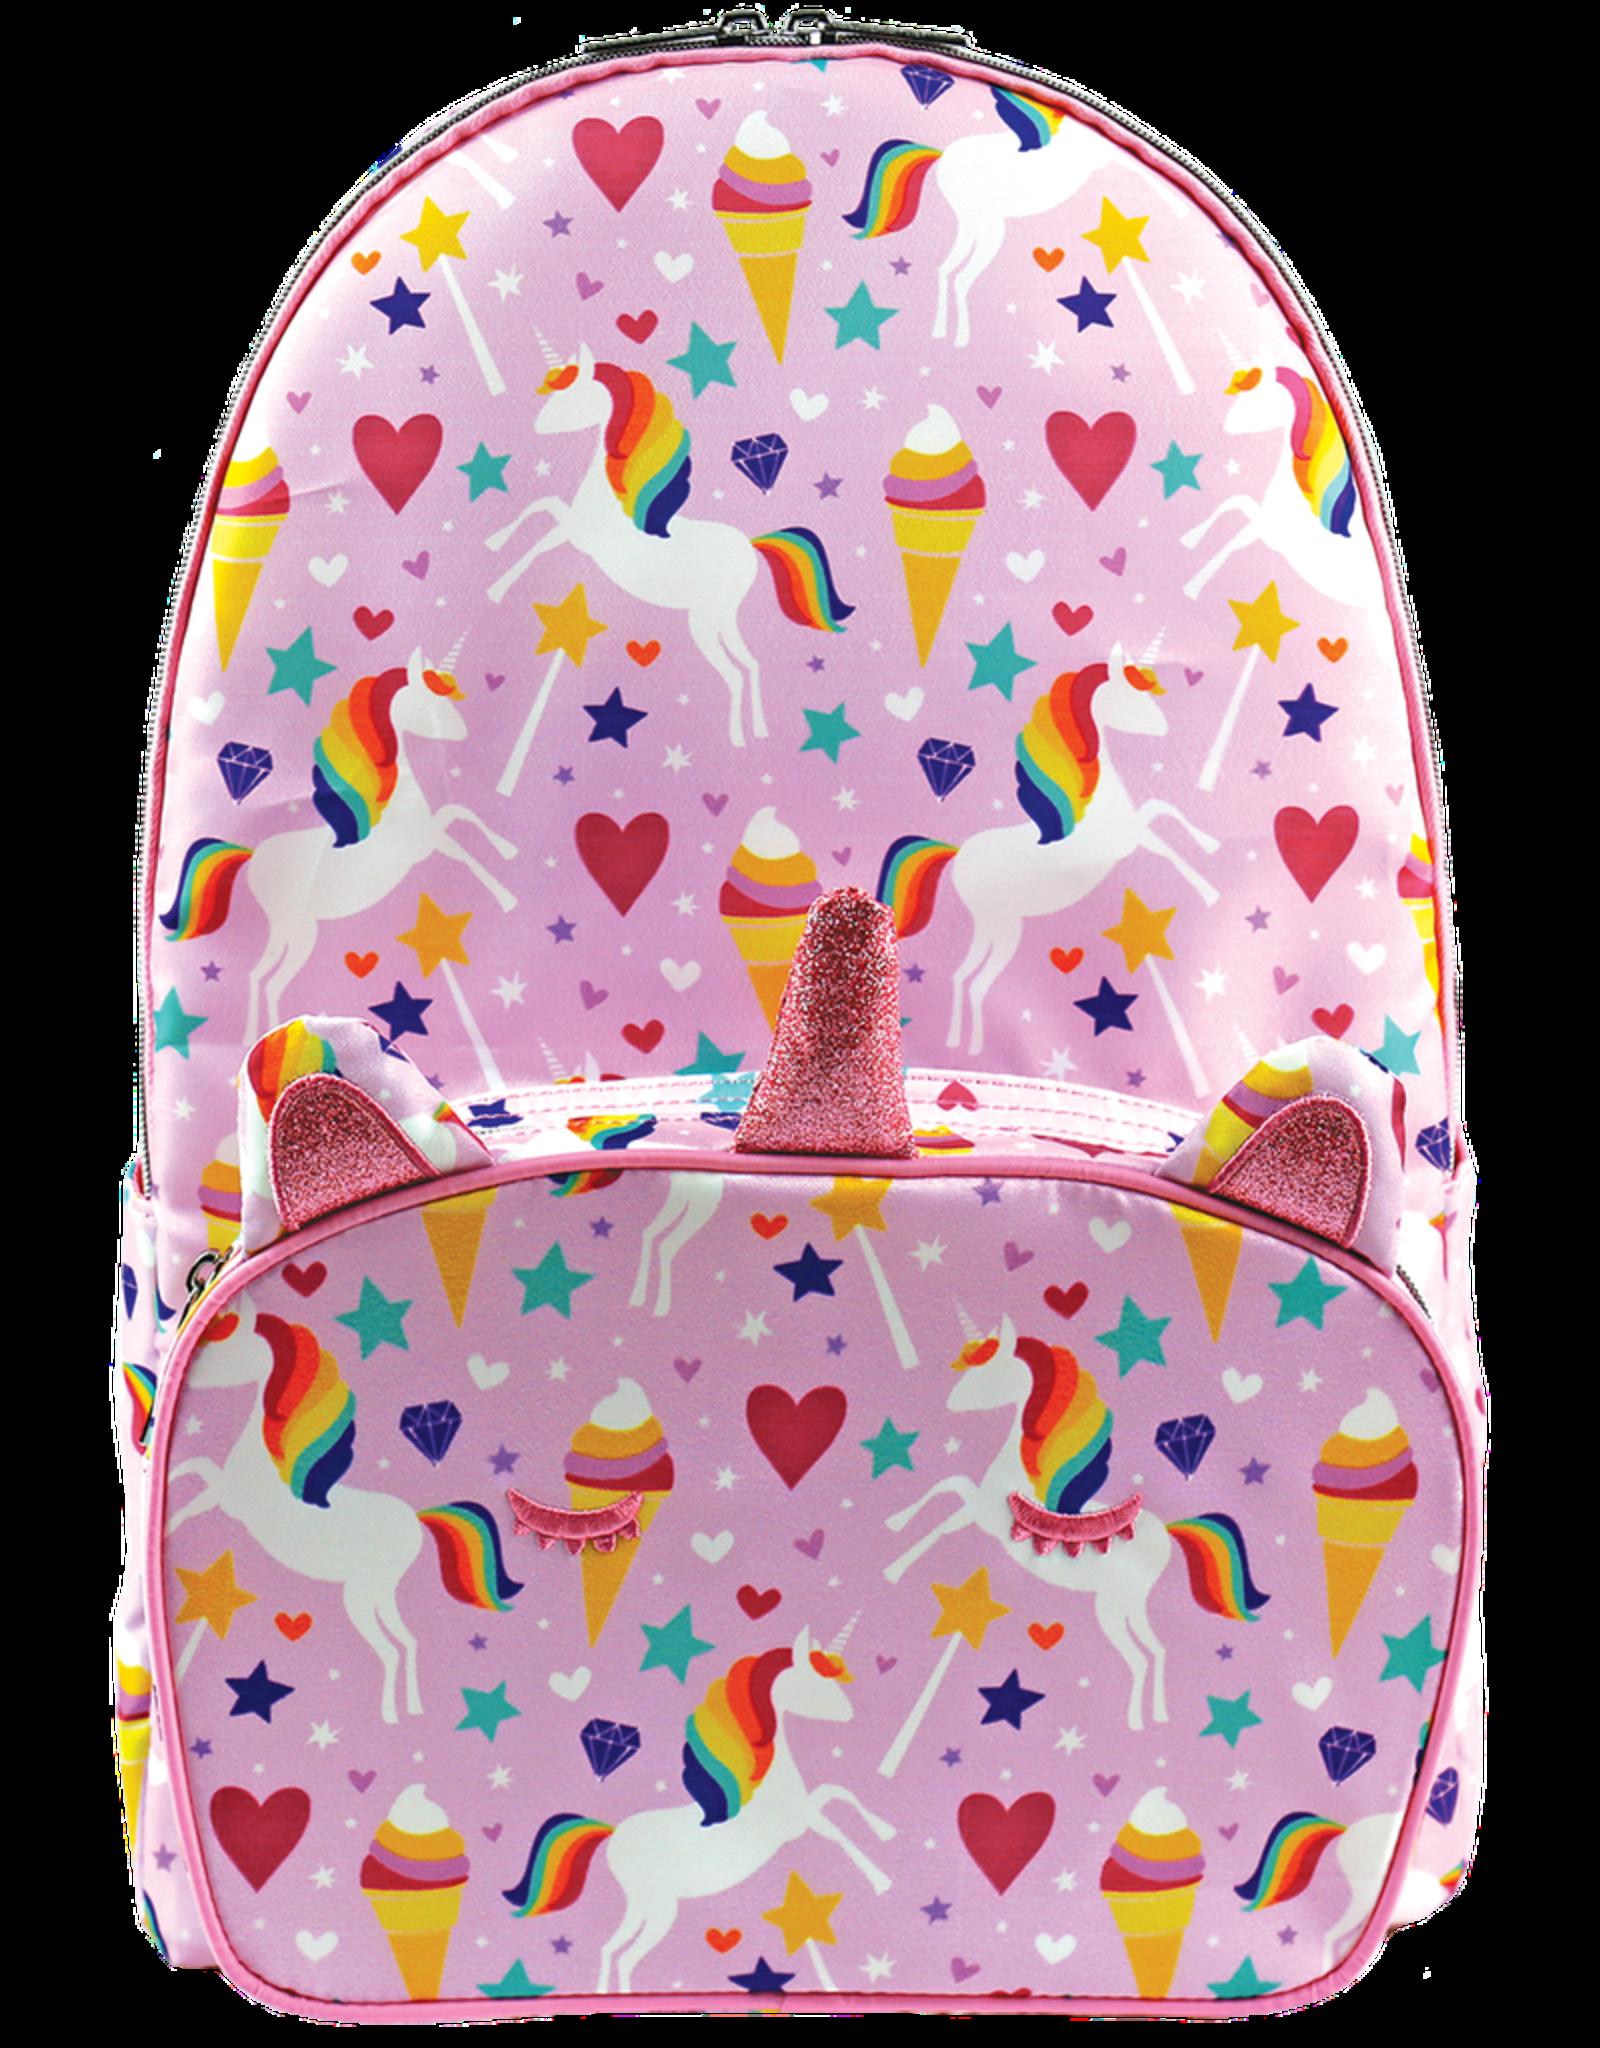 Iscream Magical Unicorn Backpack